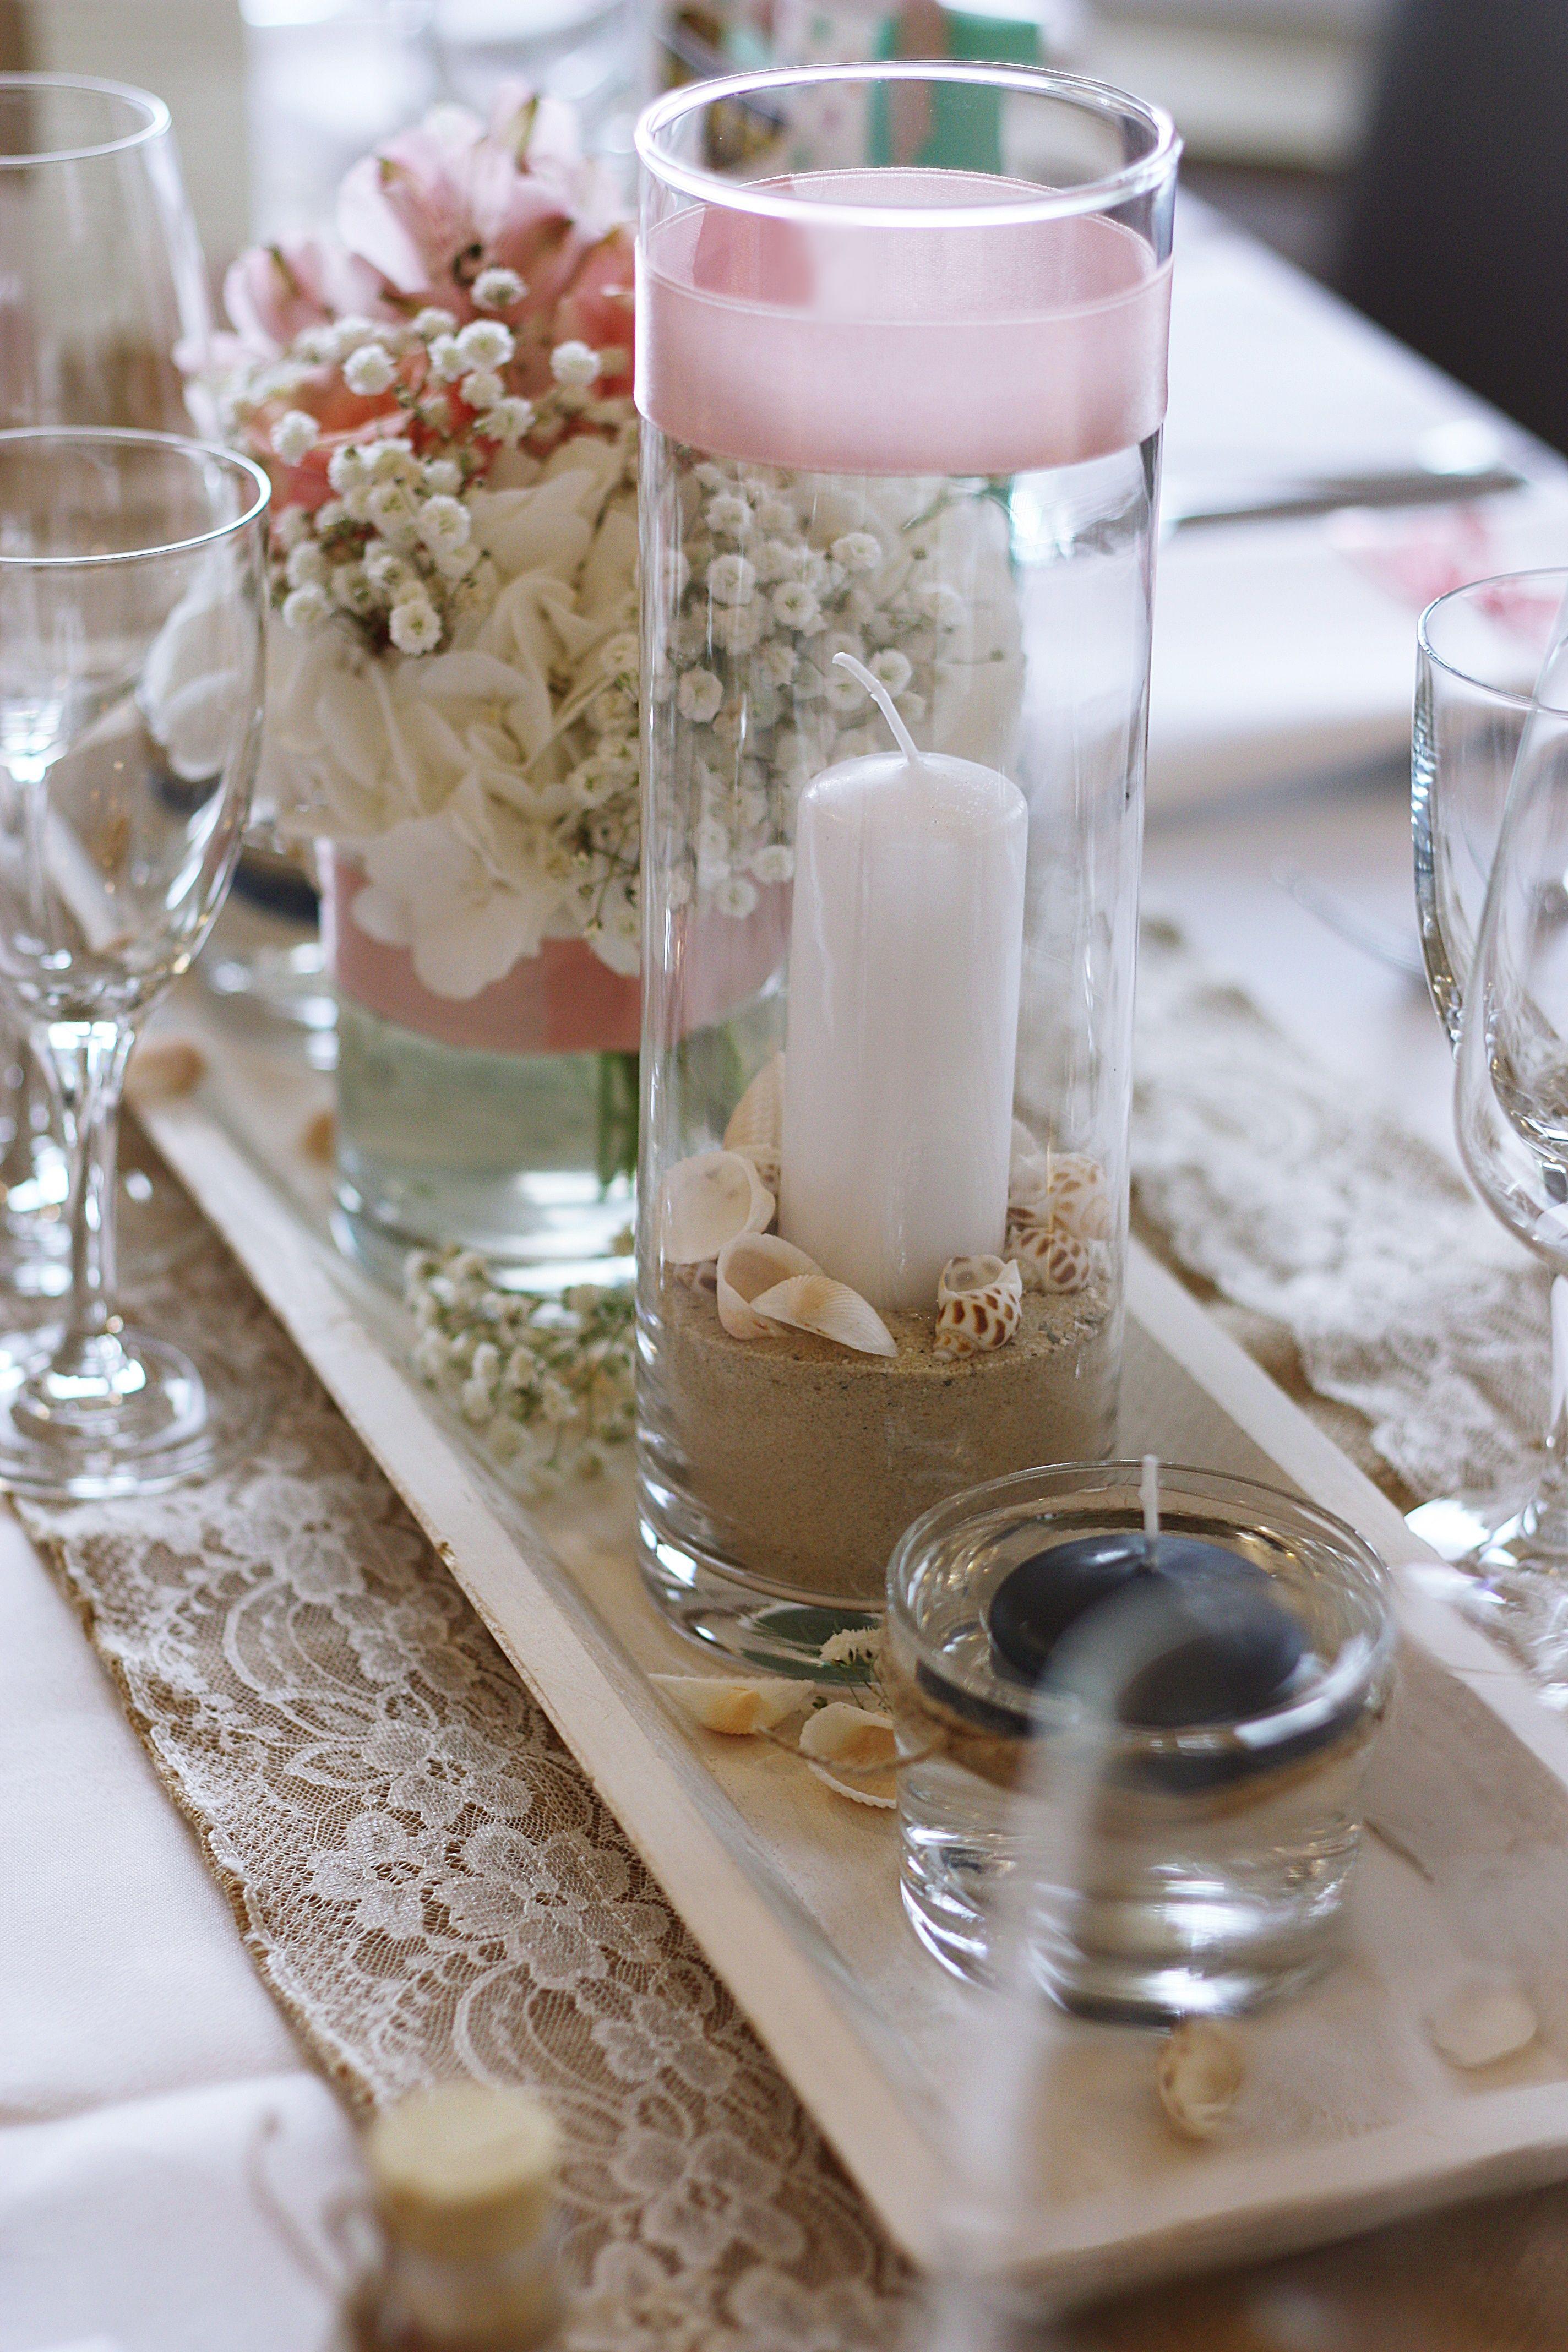 Tischdekoration Maritim Vintage Rosa Sand Muscheln Schwimmkerze Stumpenkerze Juteläufer Holztablett Hortens Schwimmkerzen Tischdekoration Vintage Hochzeit Deko